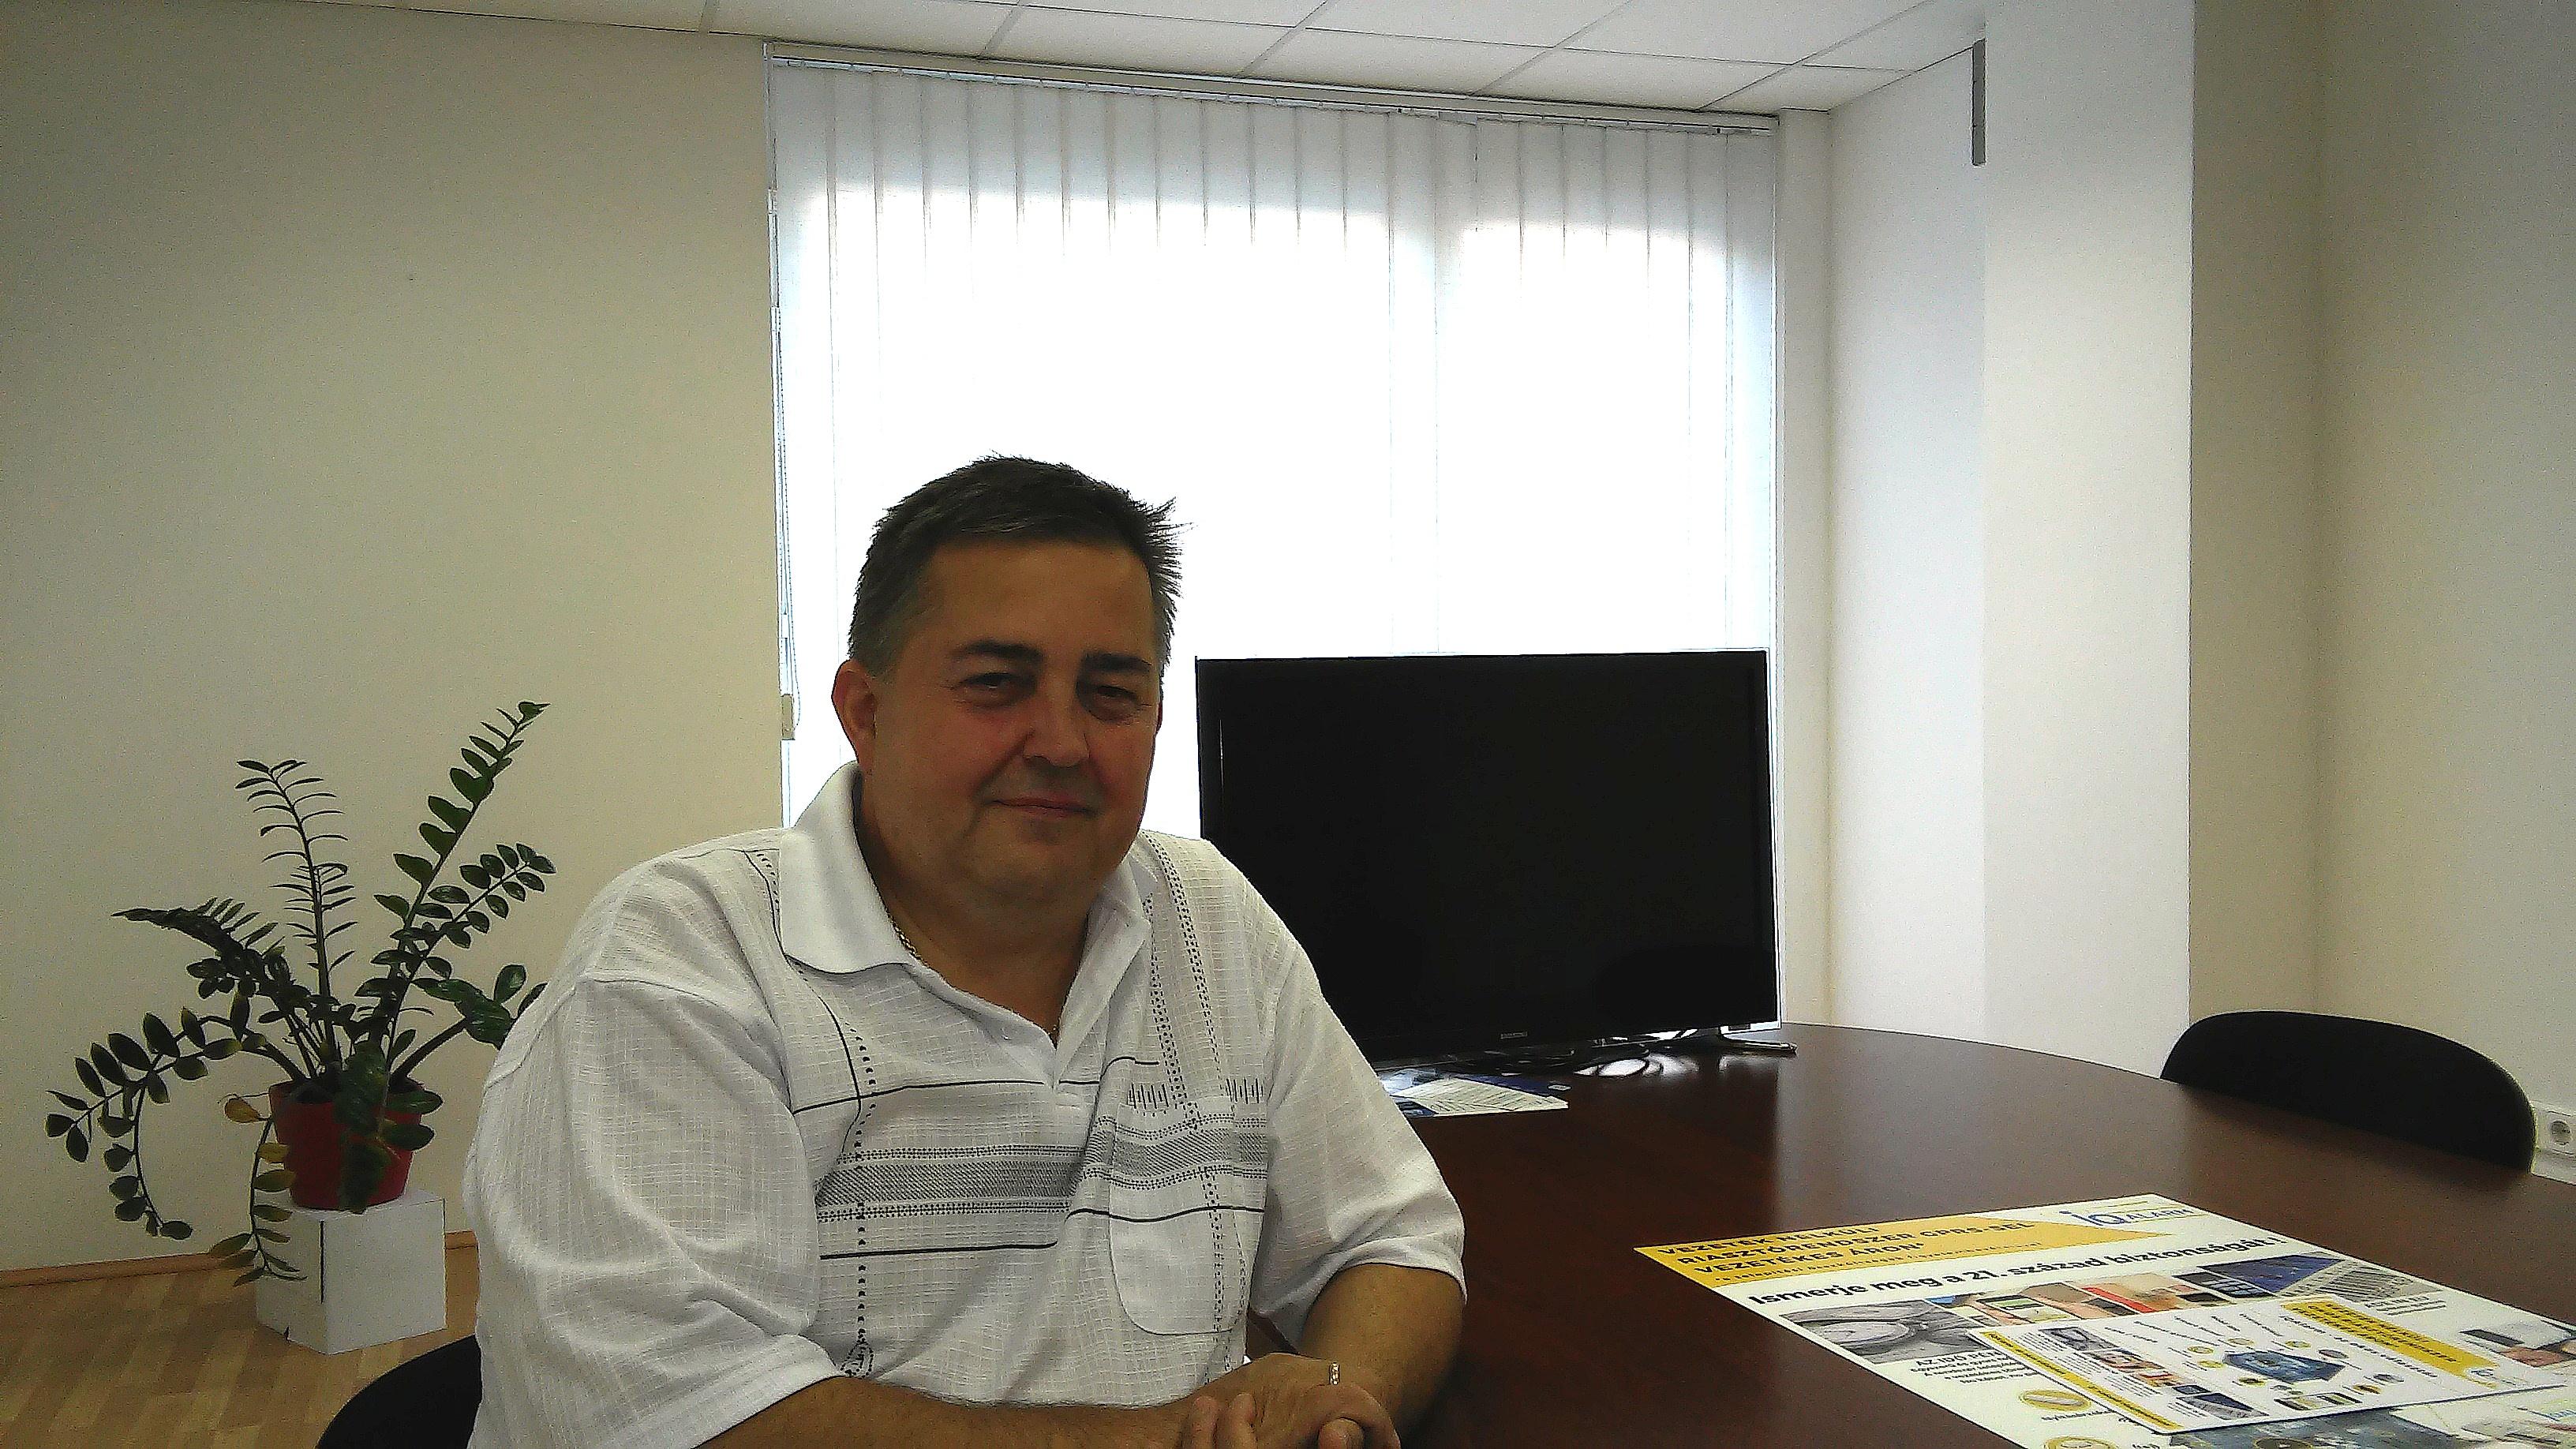 Magasabb fokozatba kapcsol az LDSZ – beszélgetés Matkó Csabával, a Cég új termékmenedzserével